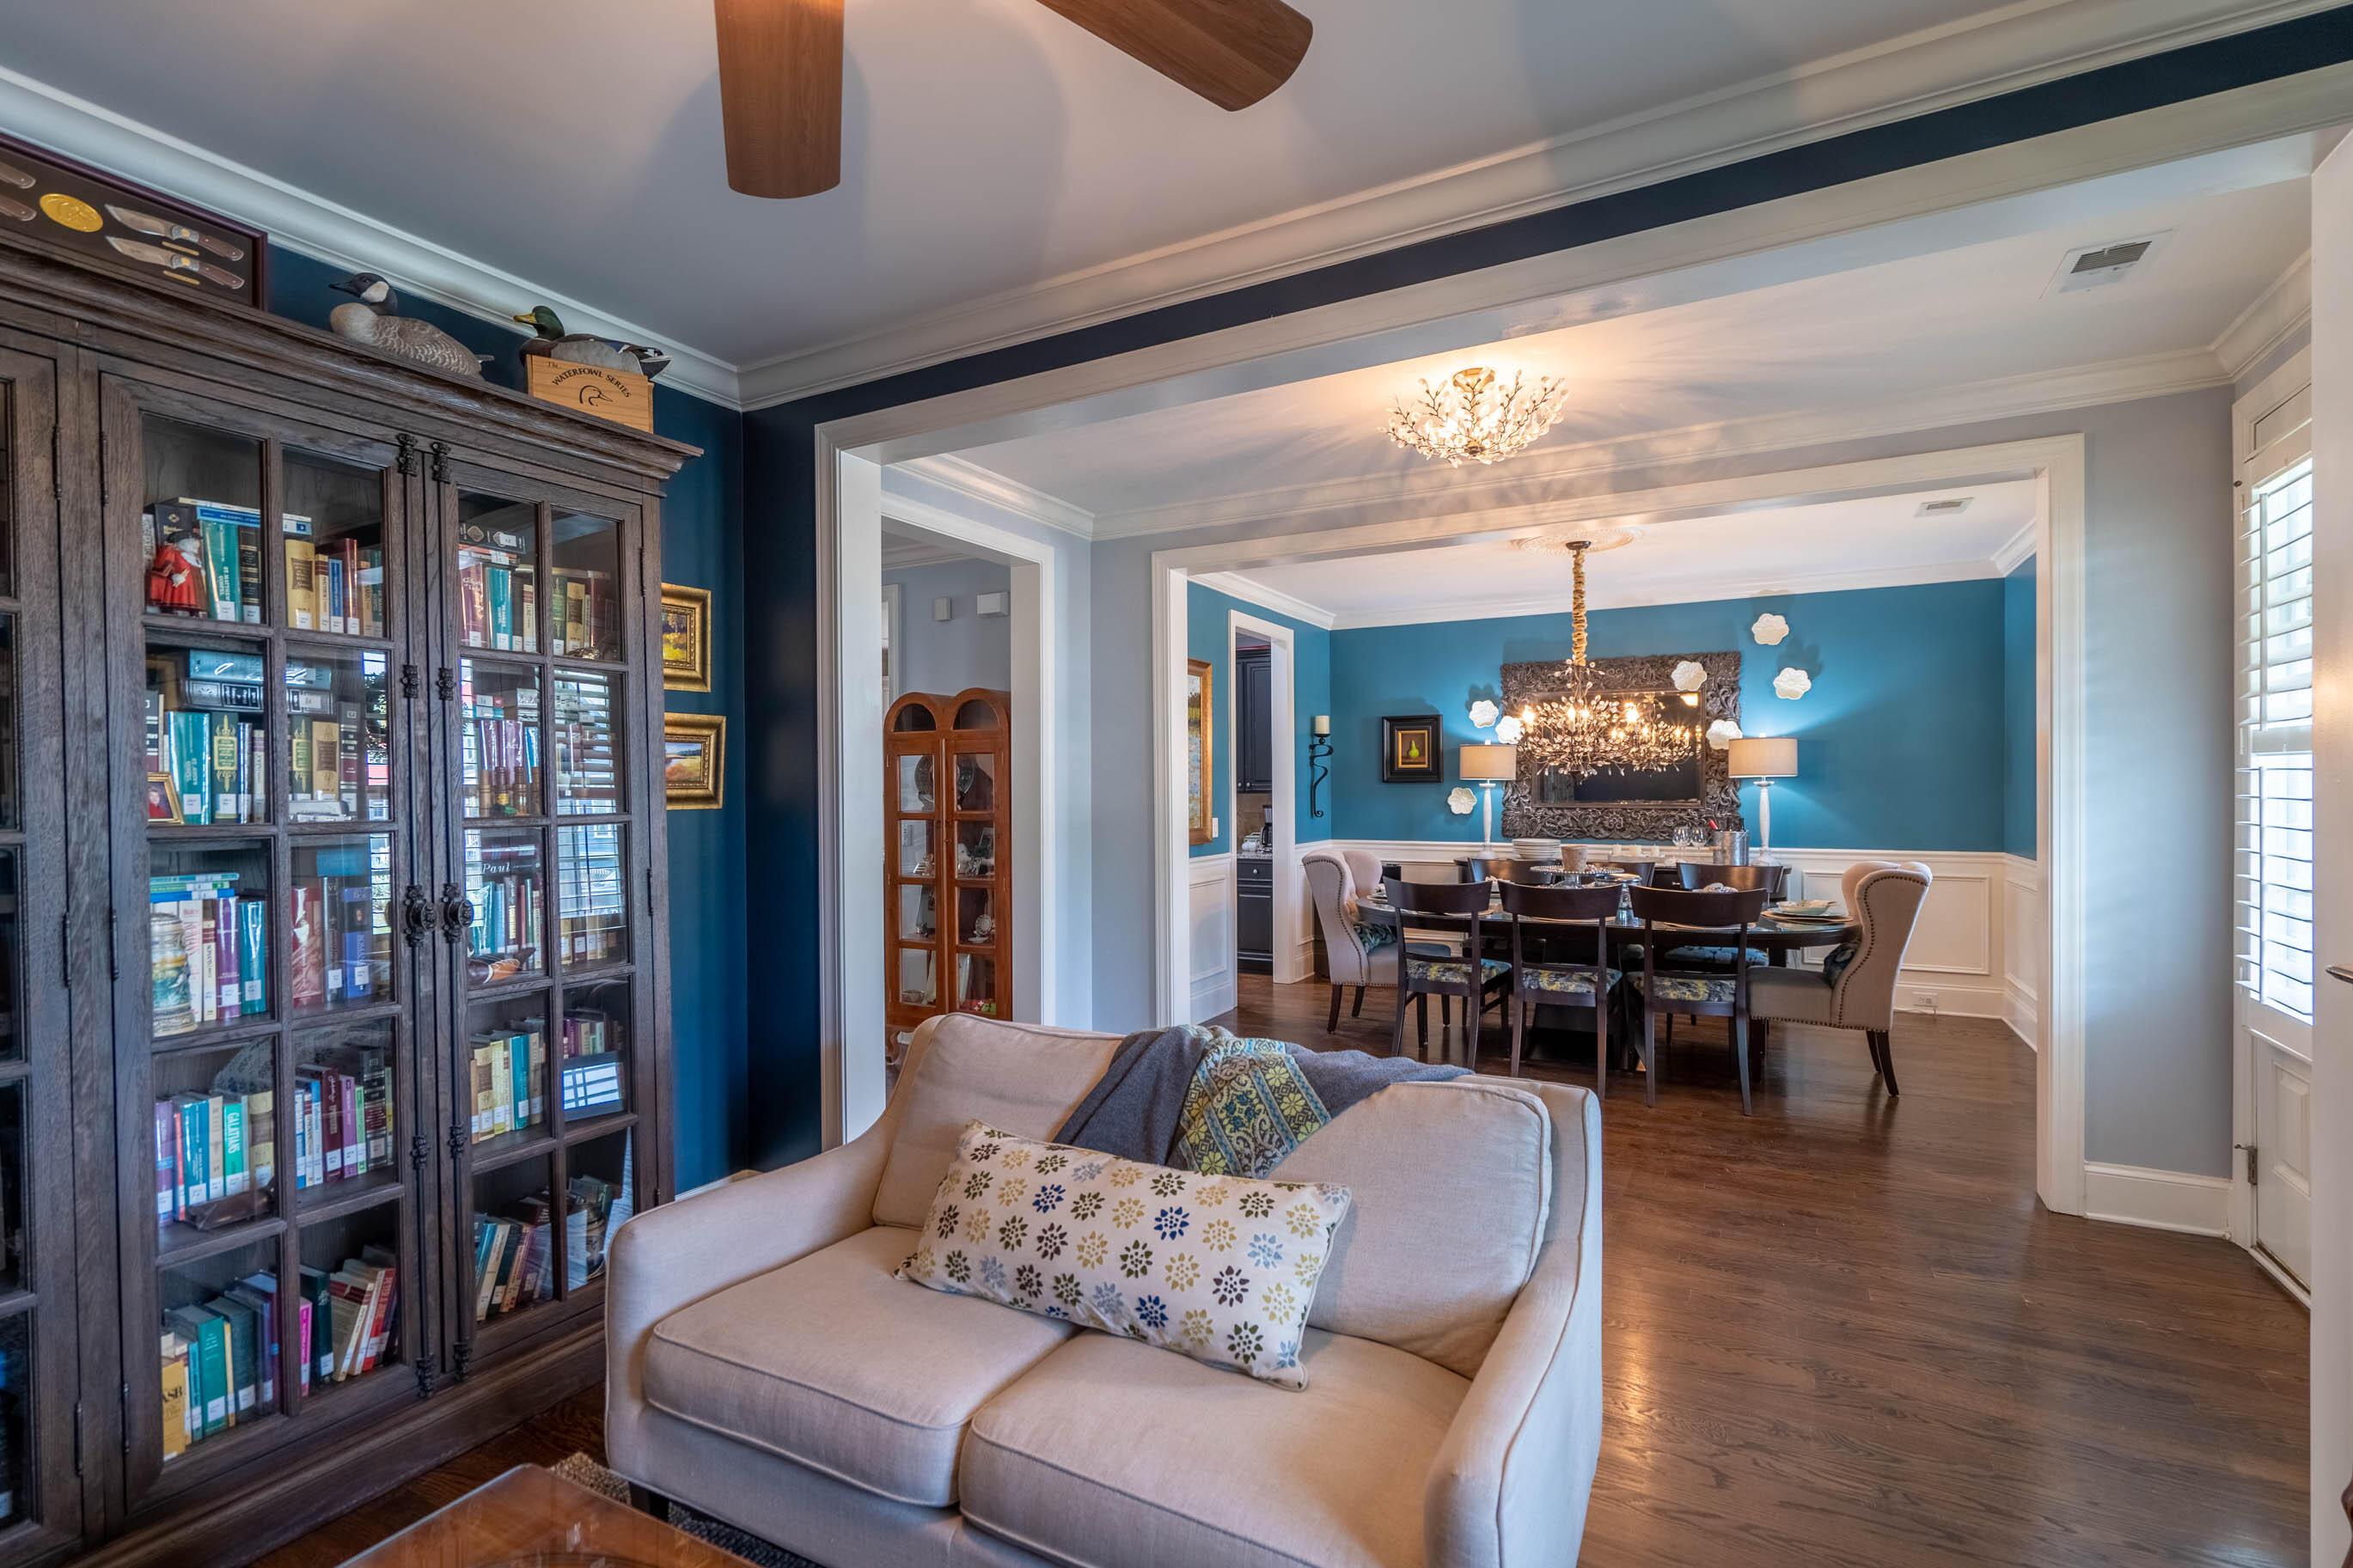 Dunes West Homes For Sale - 2997 Sturbridge, Mount Pleasant, SC - 7